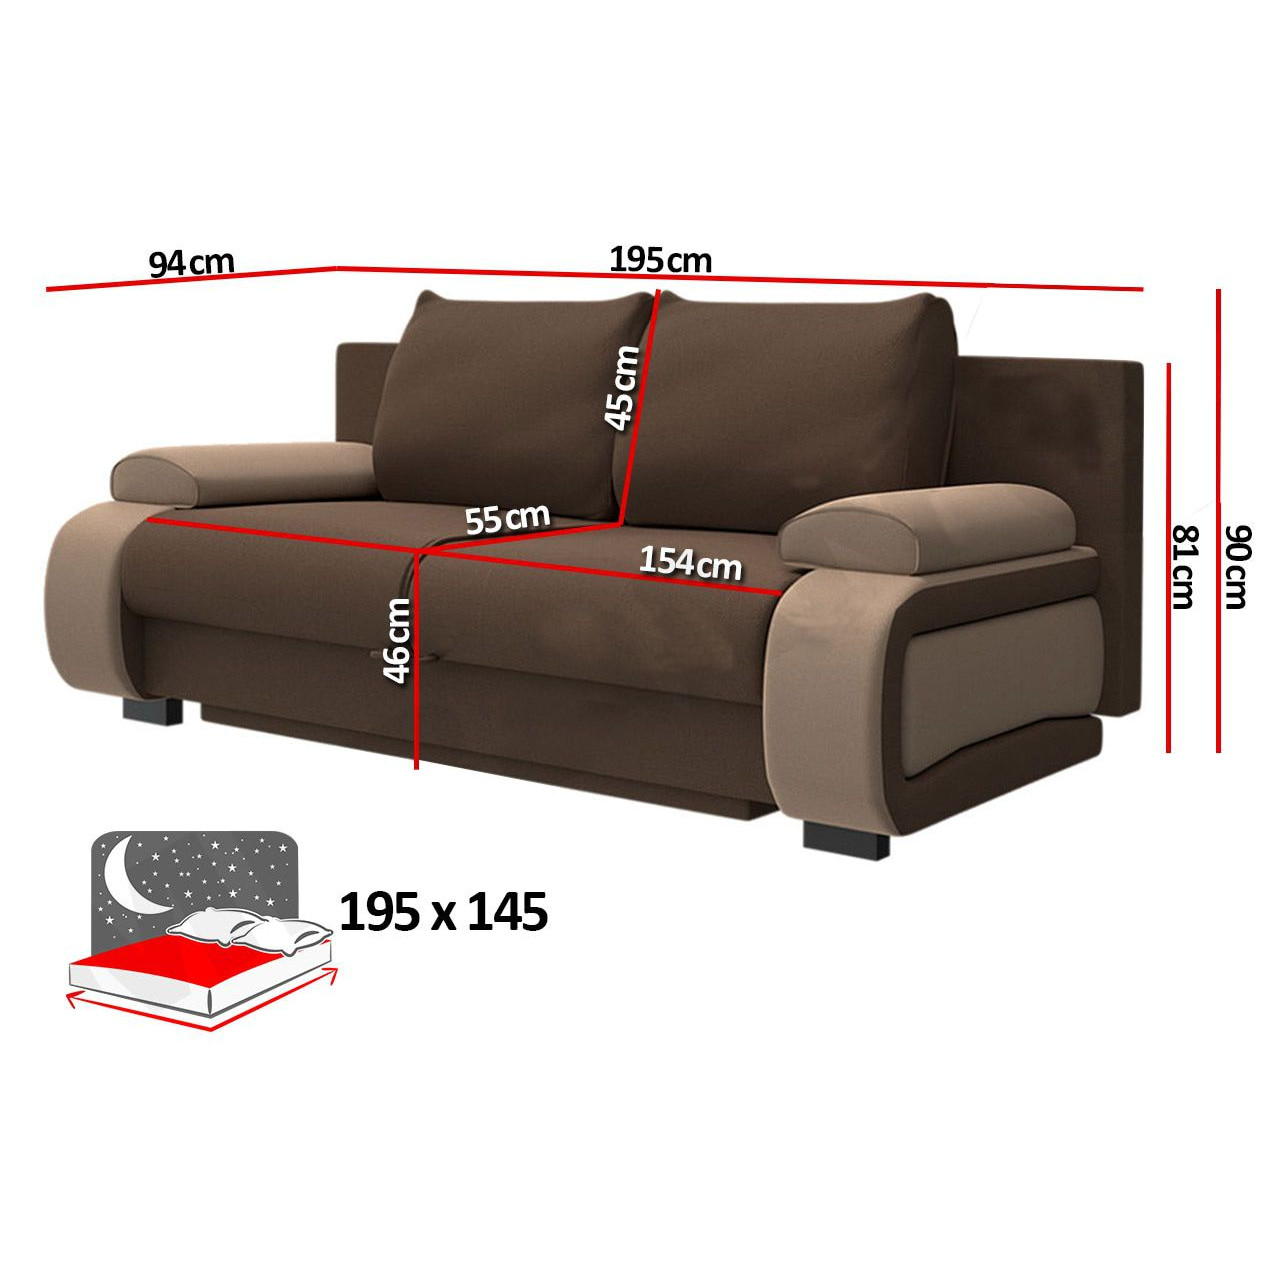 Canapé convertible design à 2 places en pvc noir et rouge